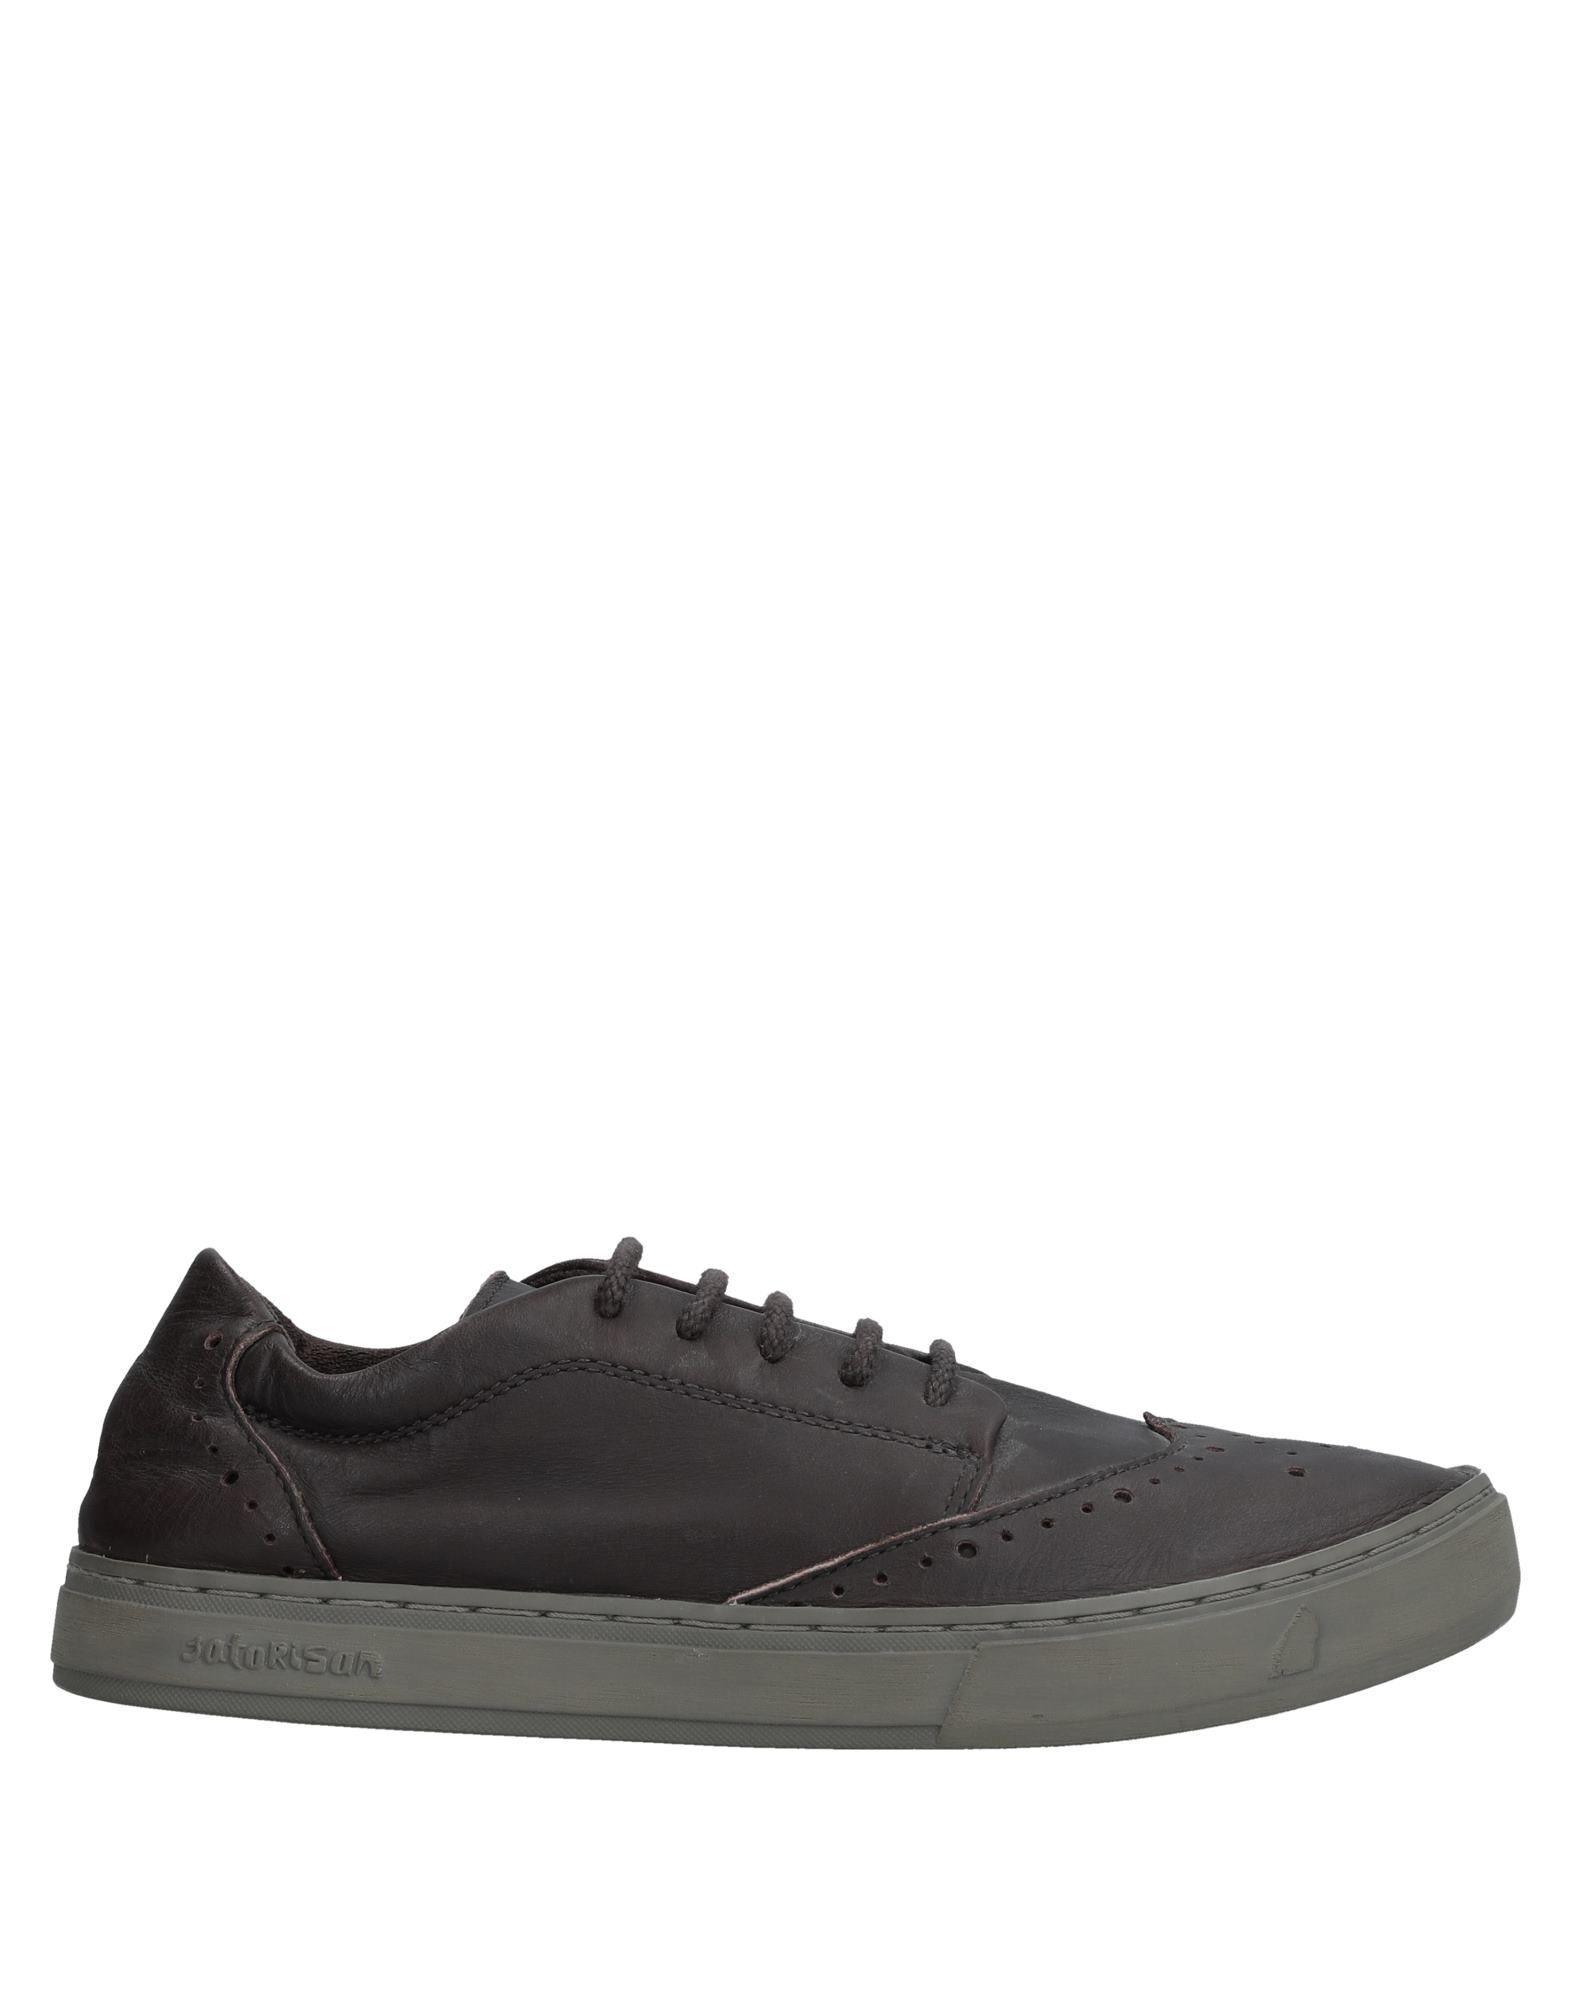 Rabatt echte  Schuhe Satorisan Sneakers Herren  echte 11543768AH f71042